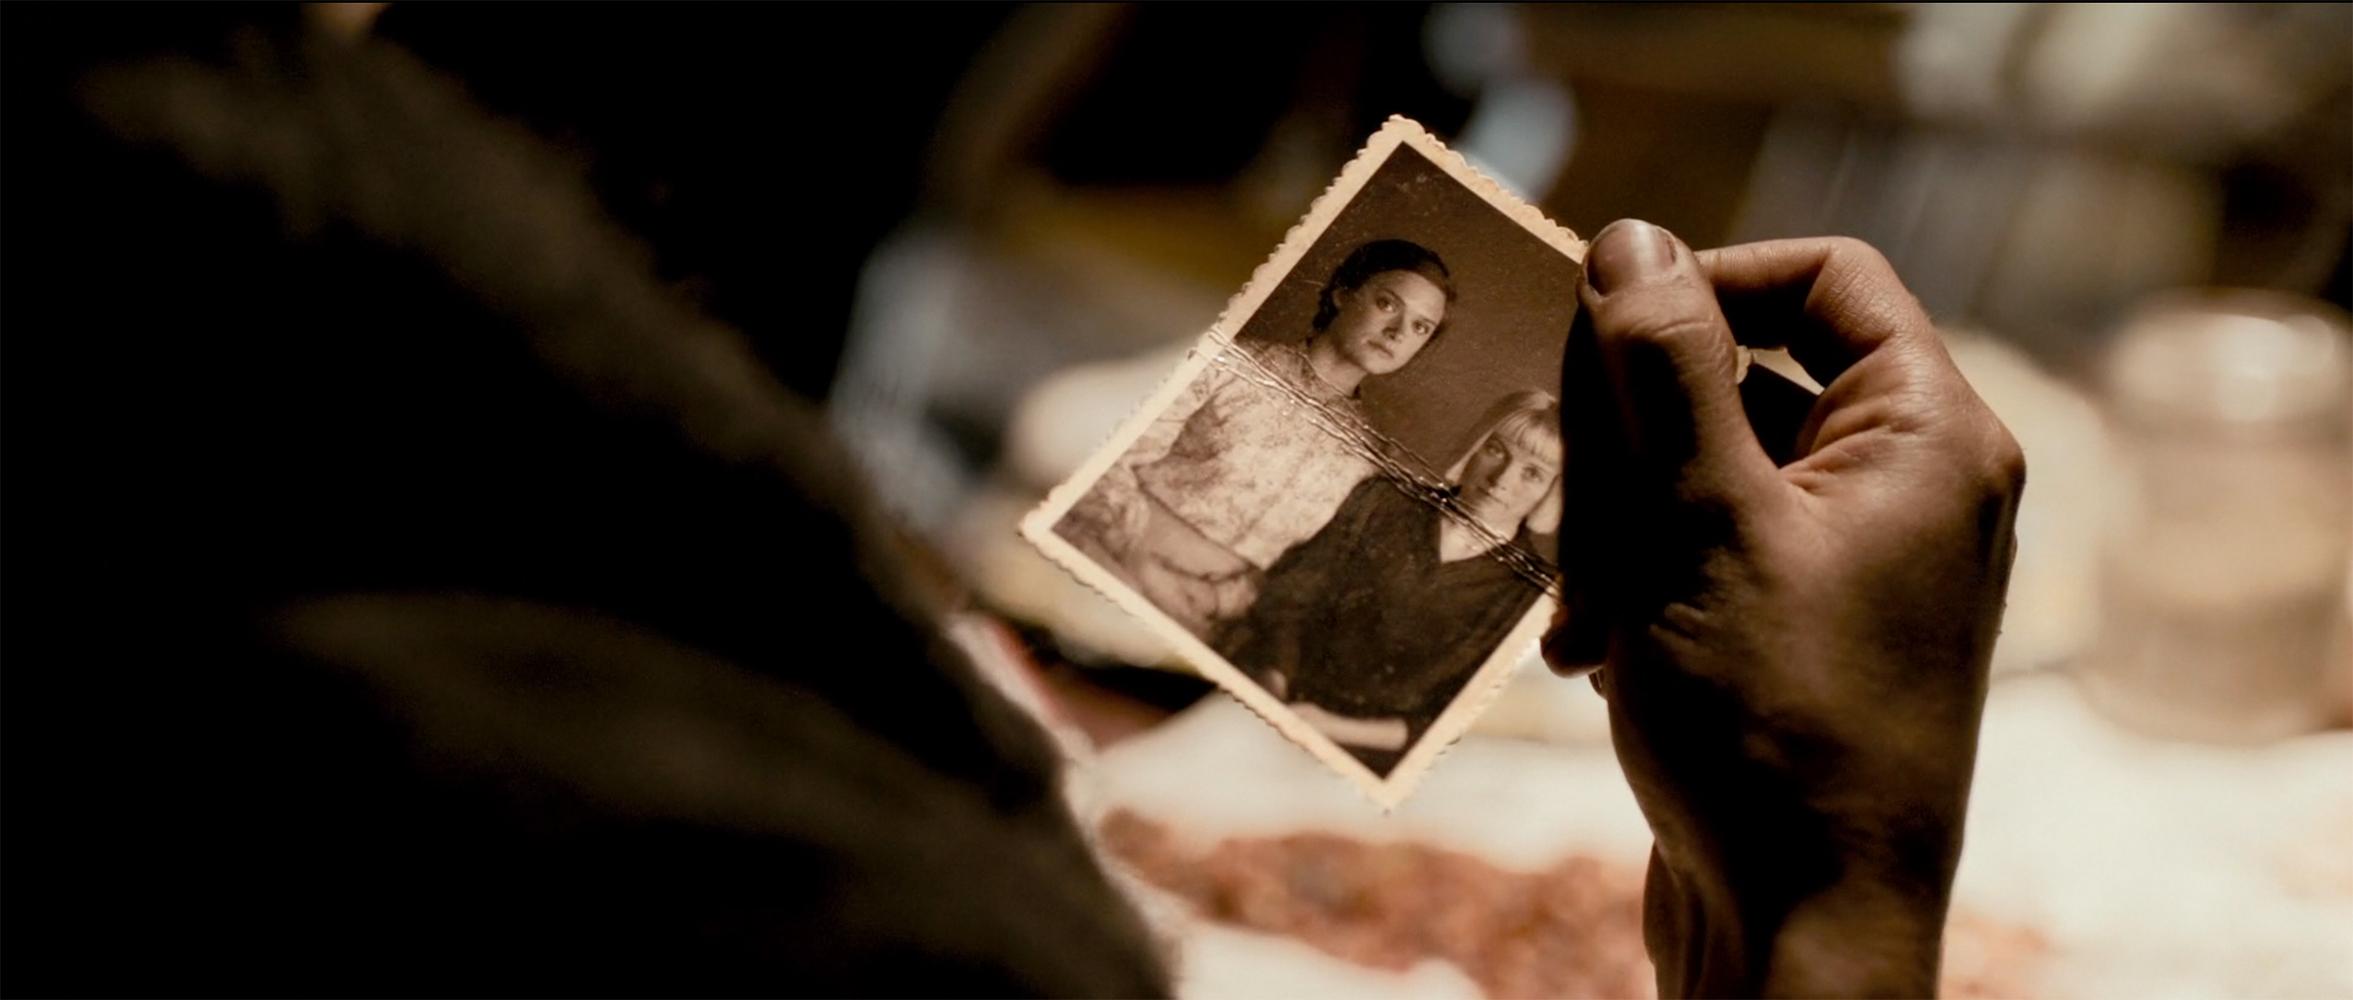 """Still from the film """"Purge"""" (Puhdistus)"""